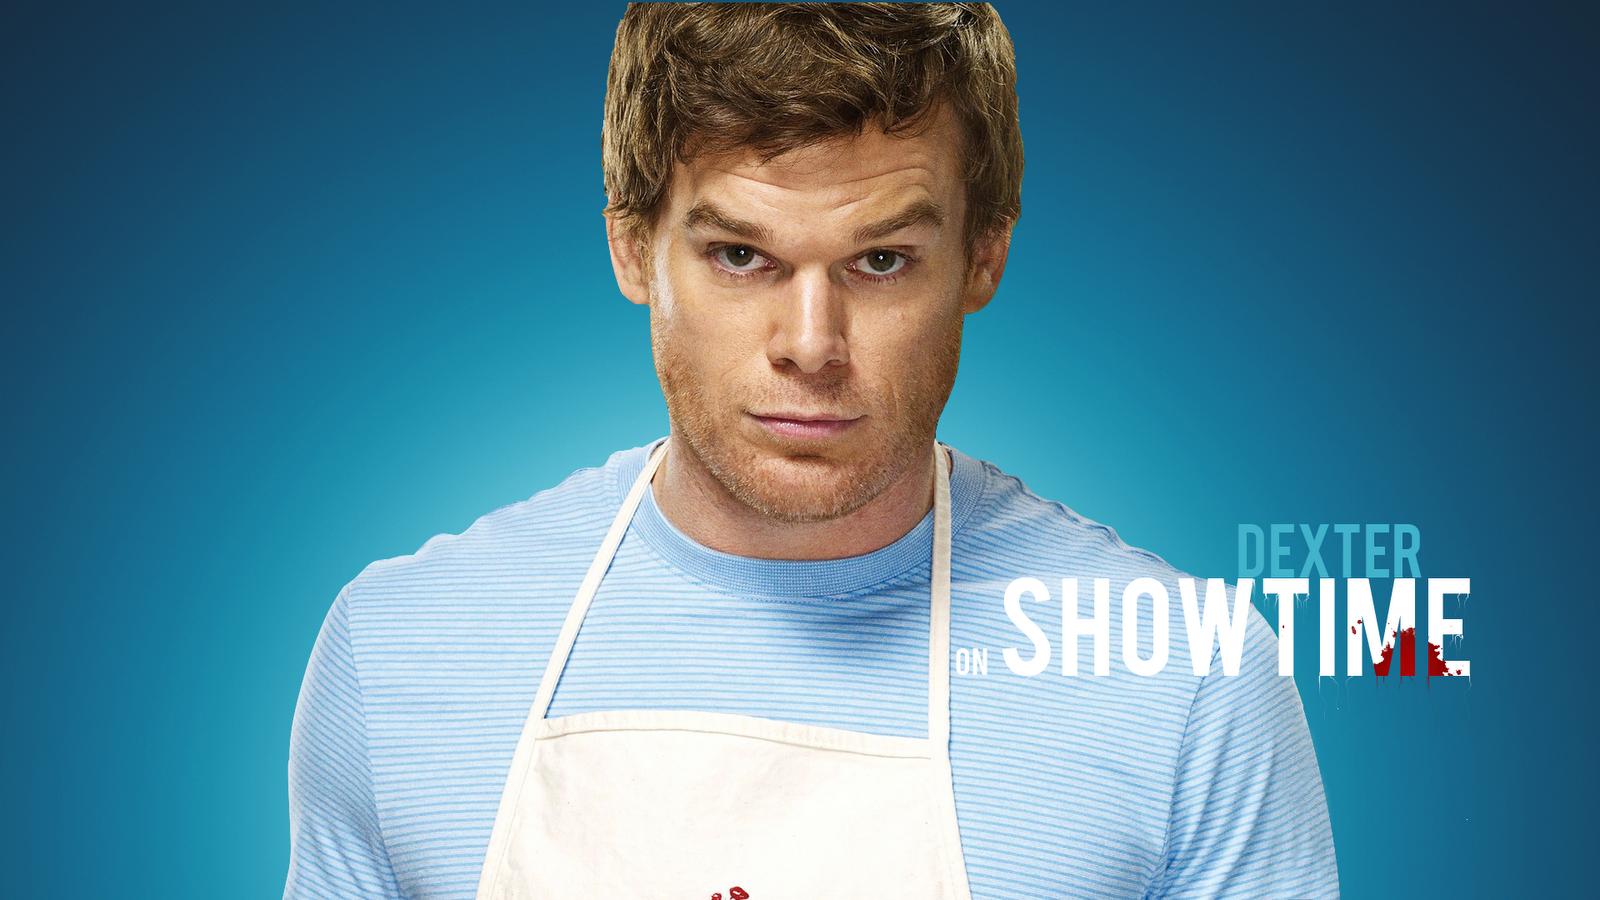 Dexter tv show actor michael c